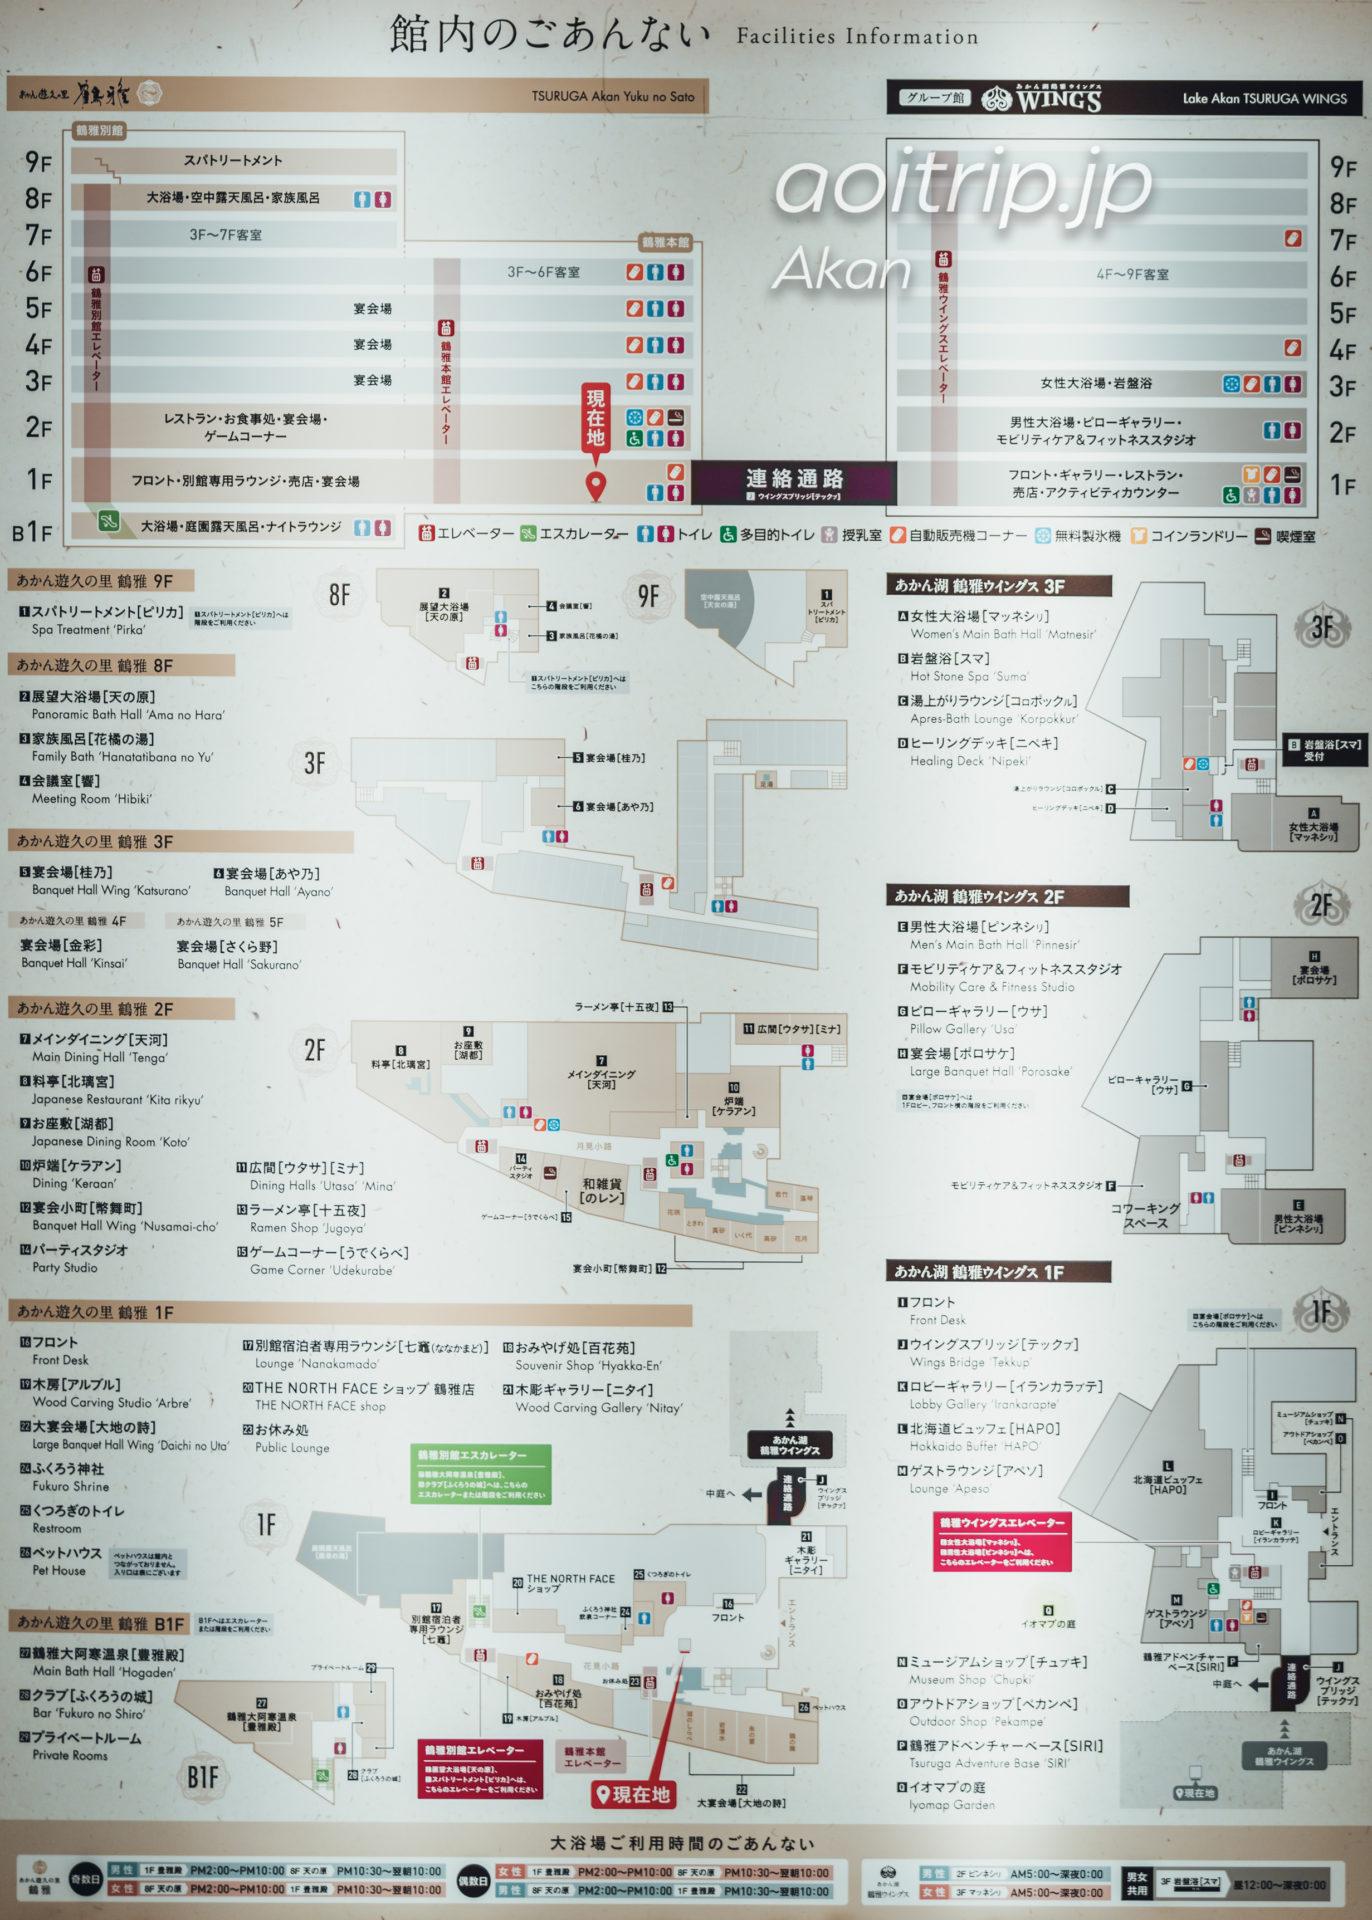 あかん遊久の里 鶴雅の館内マップ